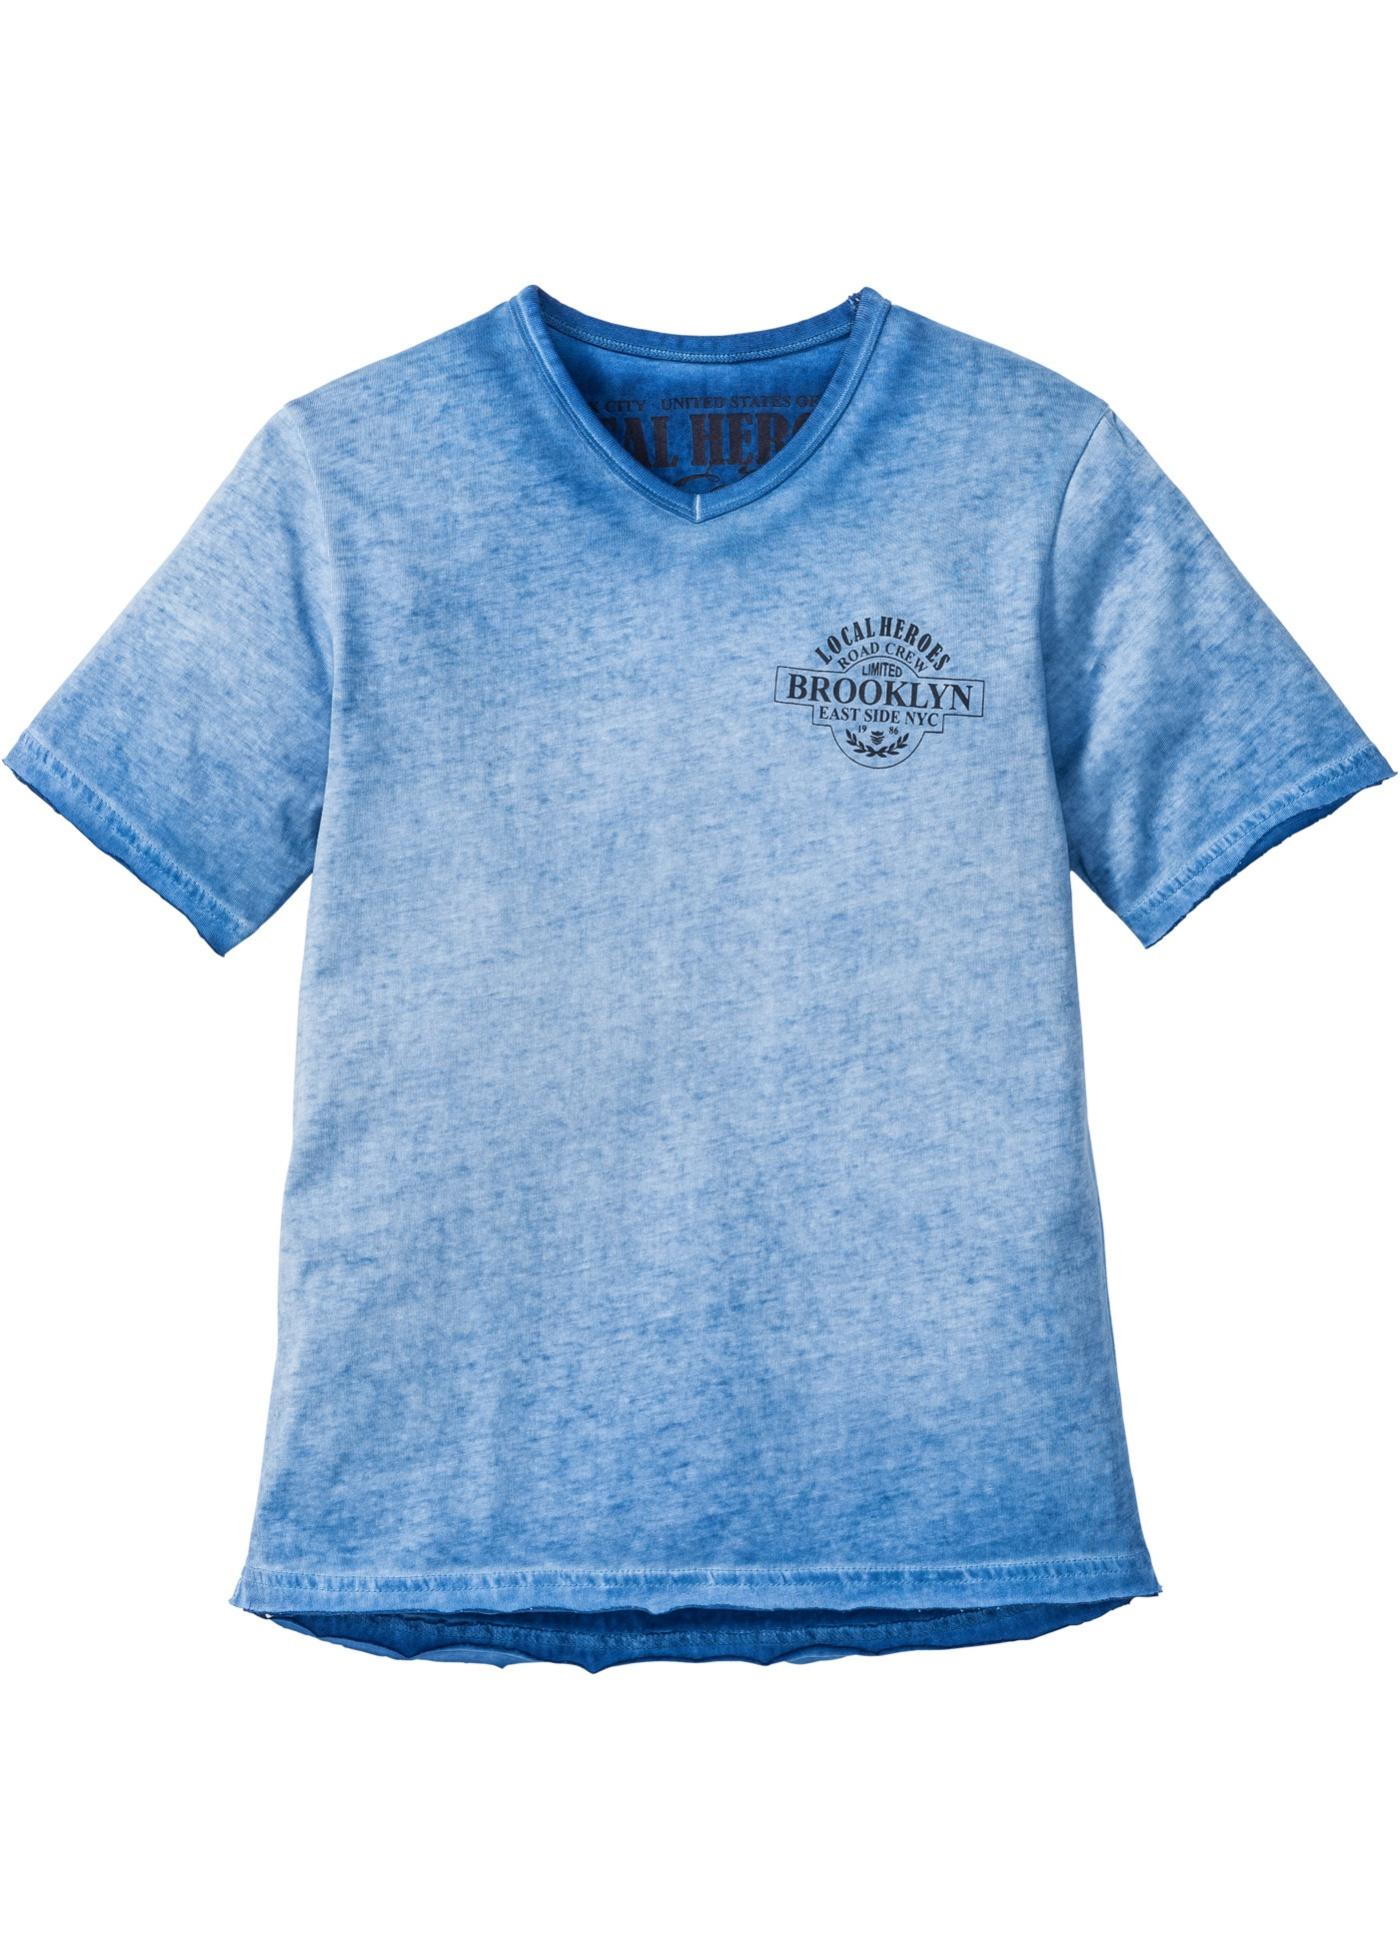 T-shirt sfumata  Blu  - b